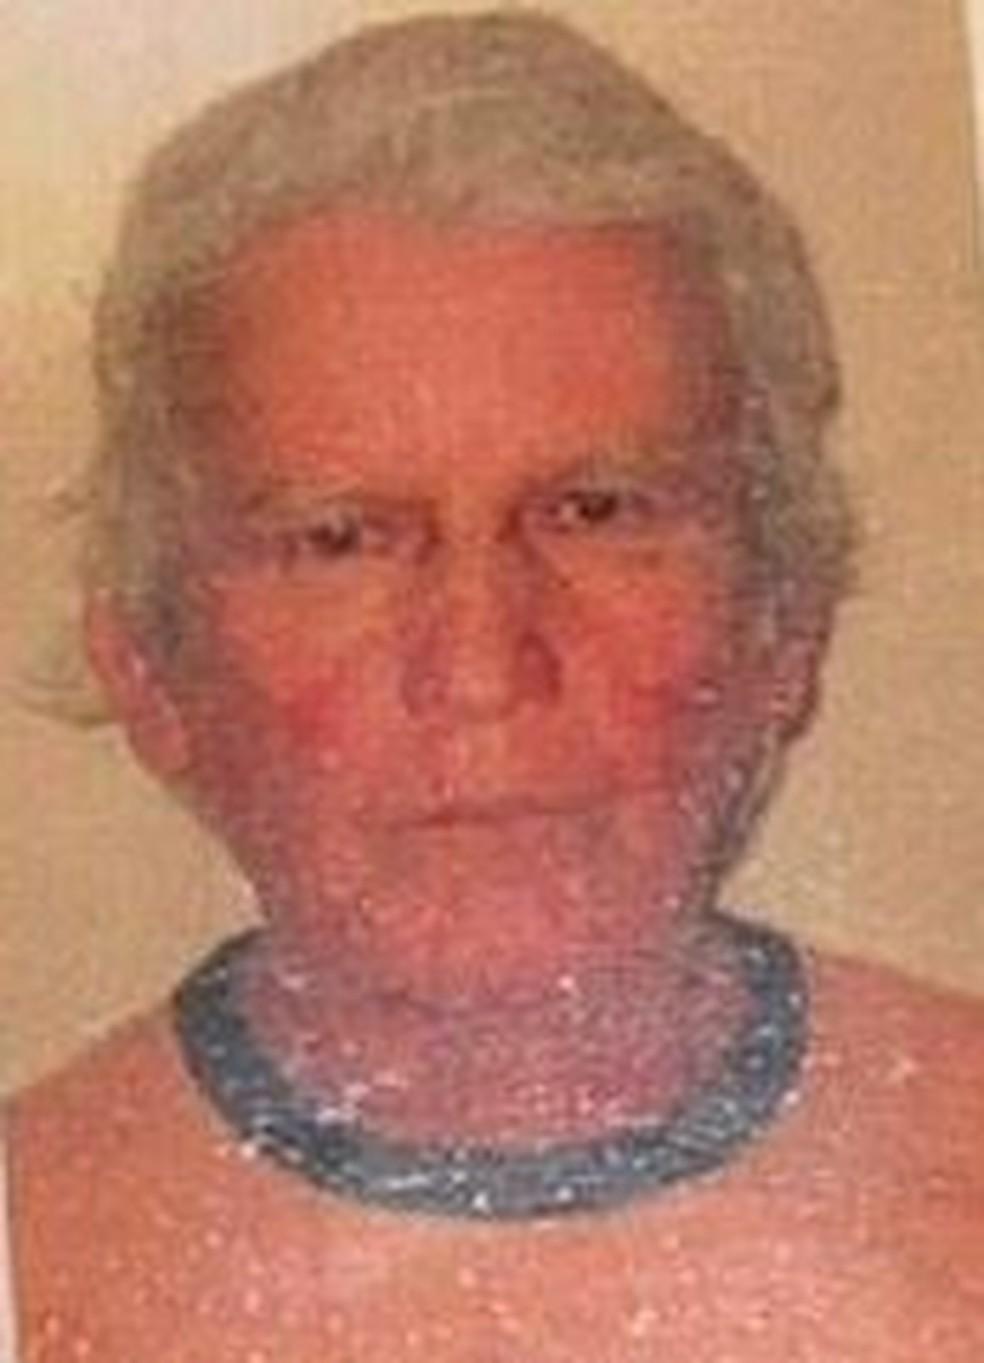 Argemiro Farias era amigo da família Petecão e morava sozinho na chácara, que fica na BR-364, em Rio Branco. — Foto: Arquivo pessoal